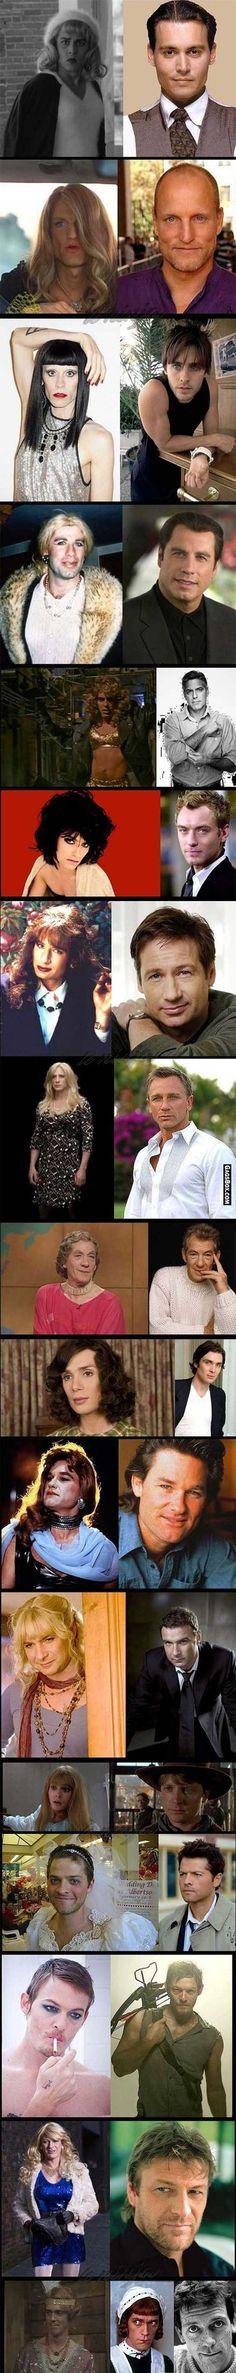 Cross dressing famous actors - #funny, #lol, #fun, #humor, #gag, #lolpics, #Funnypics,